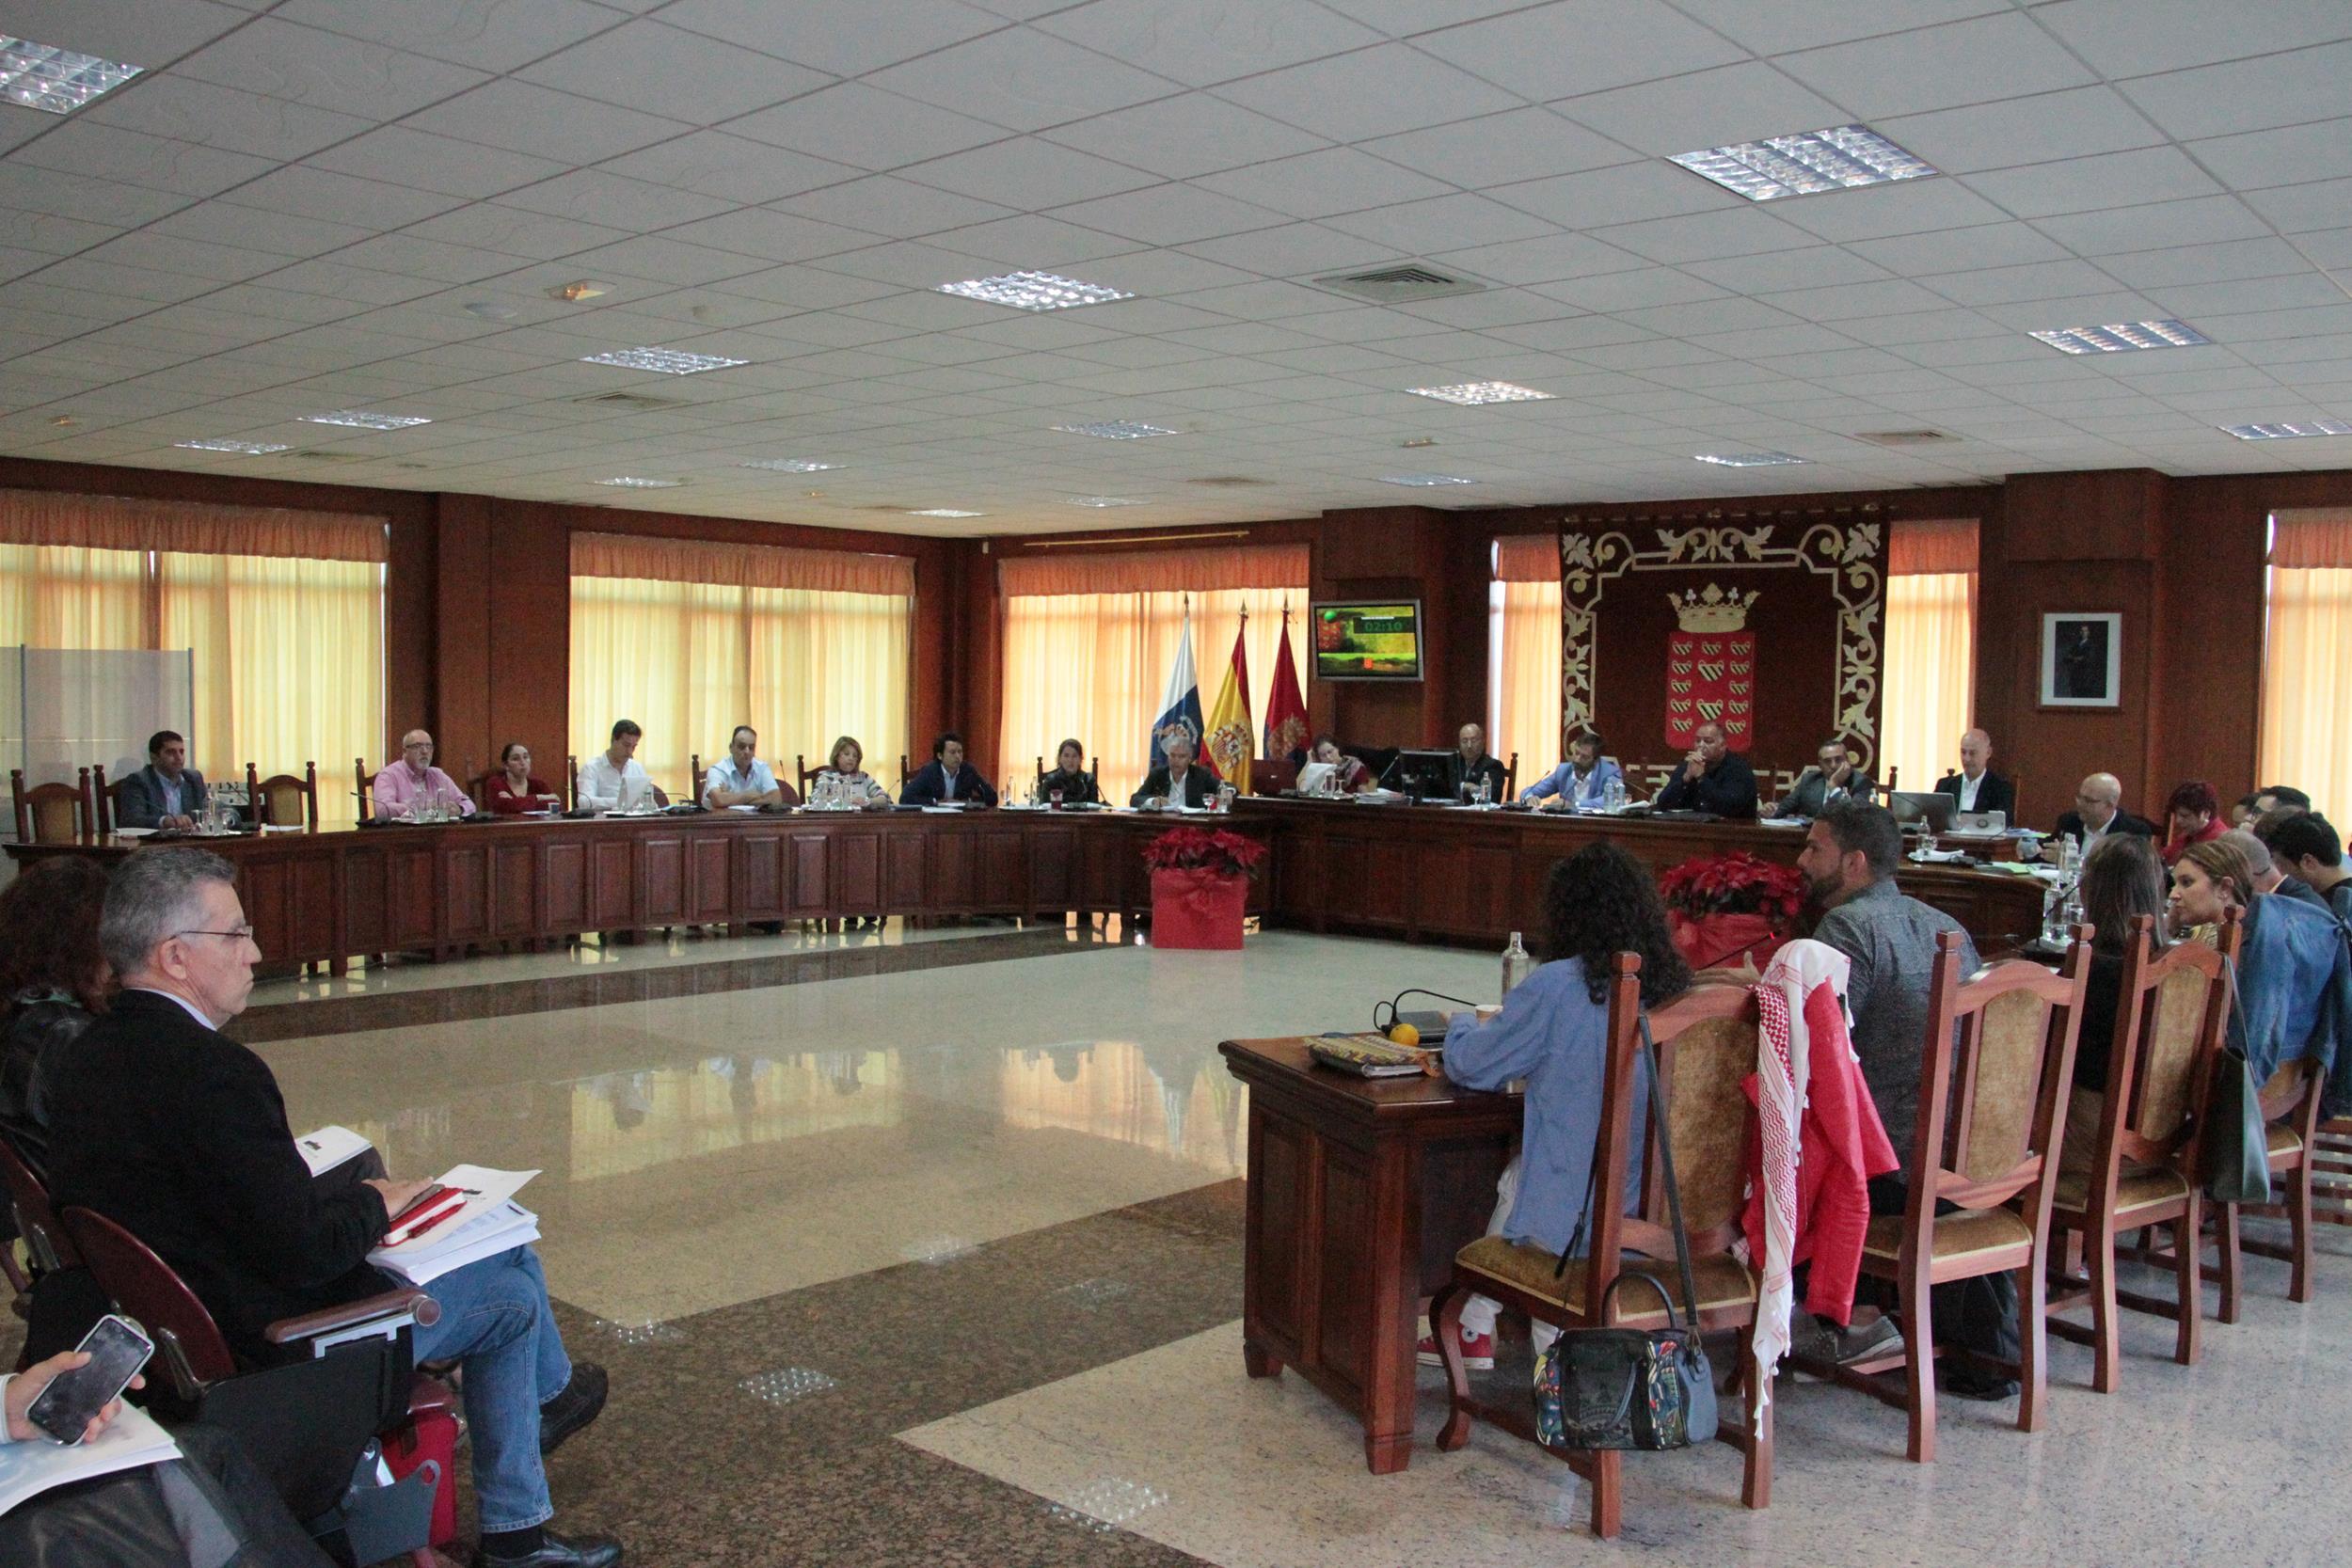 El Pleno del Cabildo aprueba por unanimidad el convenio de integración del Hospital Insular al Servicio Canario de Salud